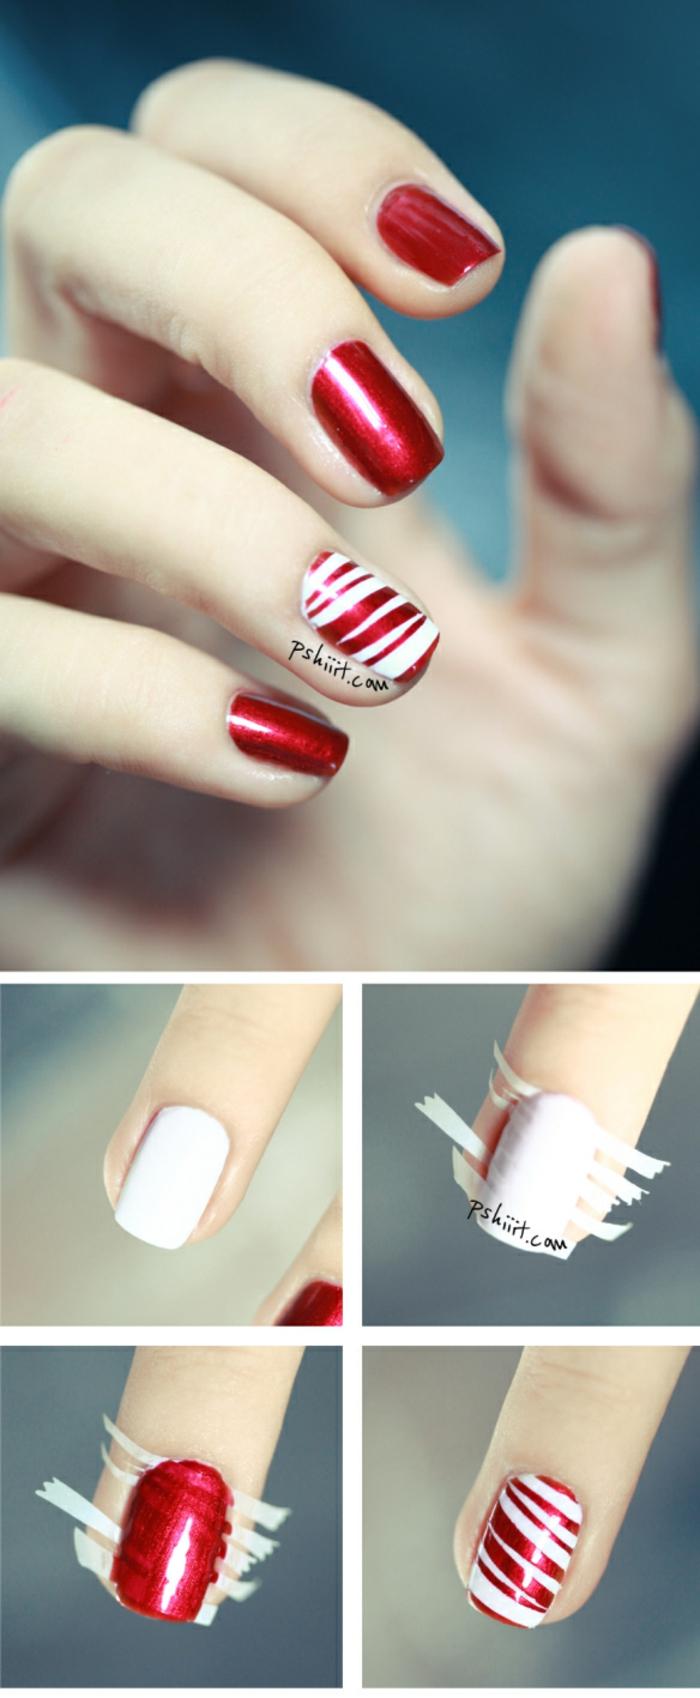 Coole Idee für winterliche Maniküre mit Klebeband, weiße und rote Linien, ovale Nagelform